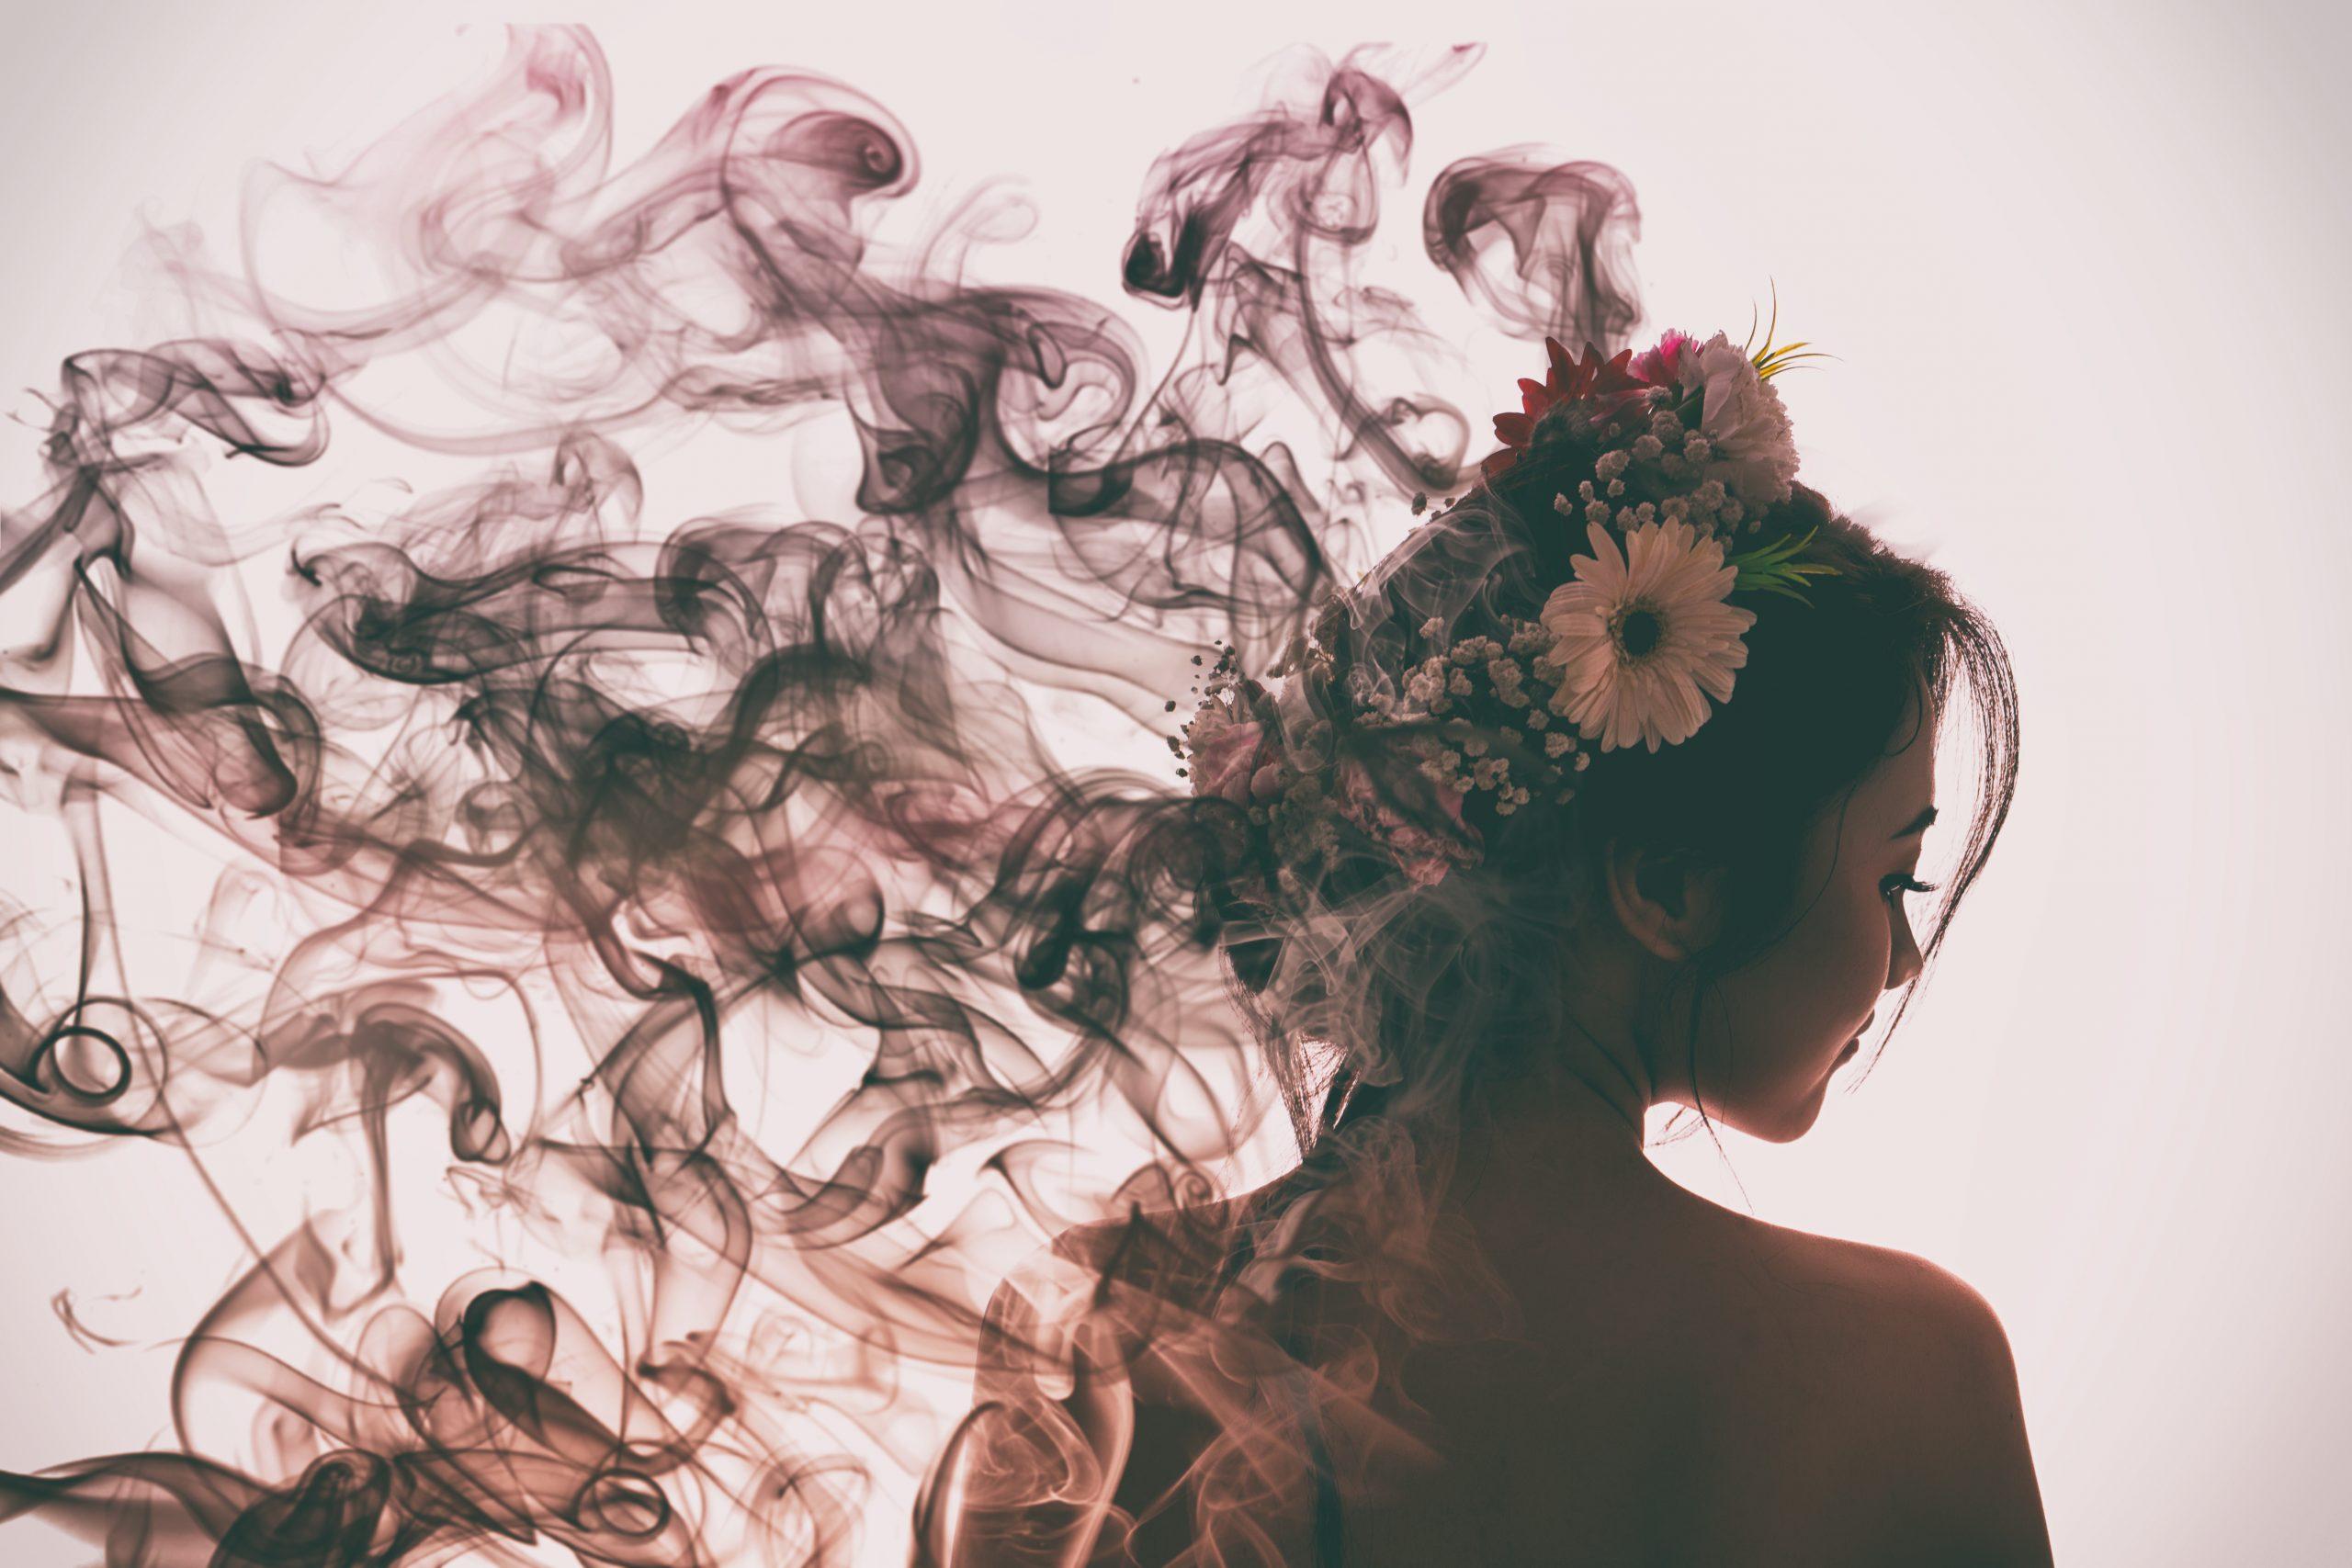 Woman goes up in parfum smoke | Jack R. Hayes